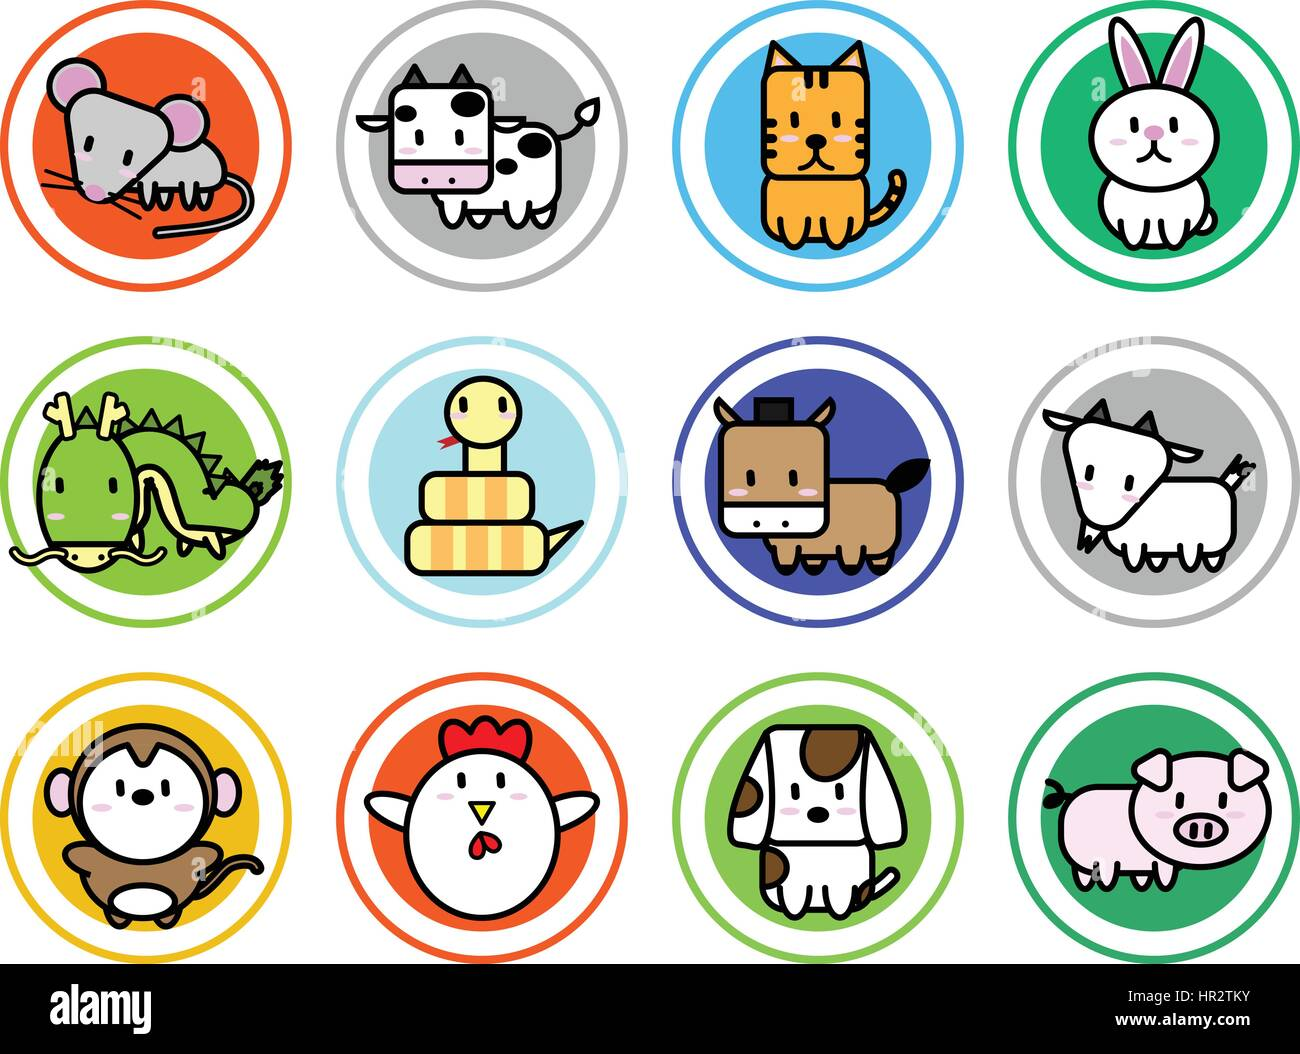 Cute Cartoon Icon Vector For Chinese Zodiac Calendar Stock